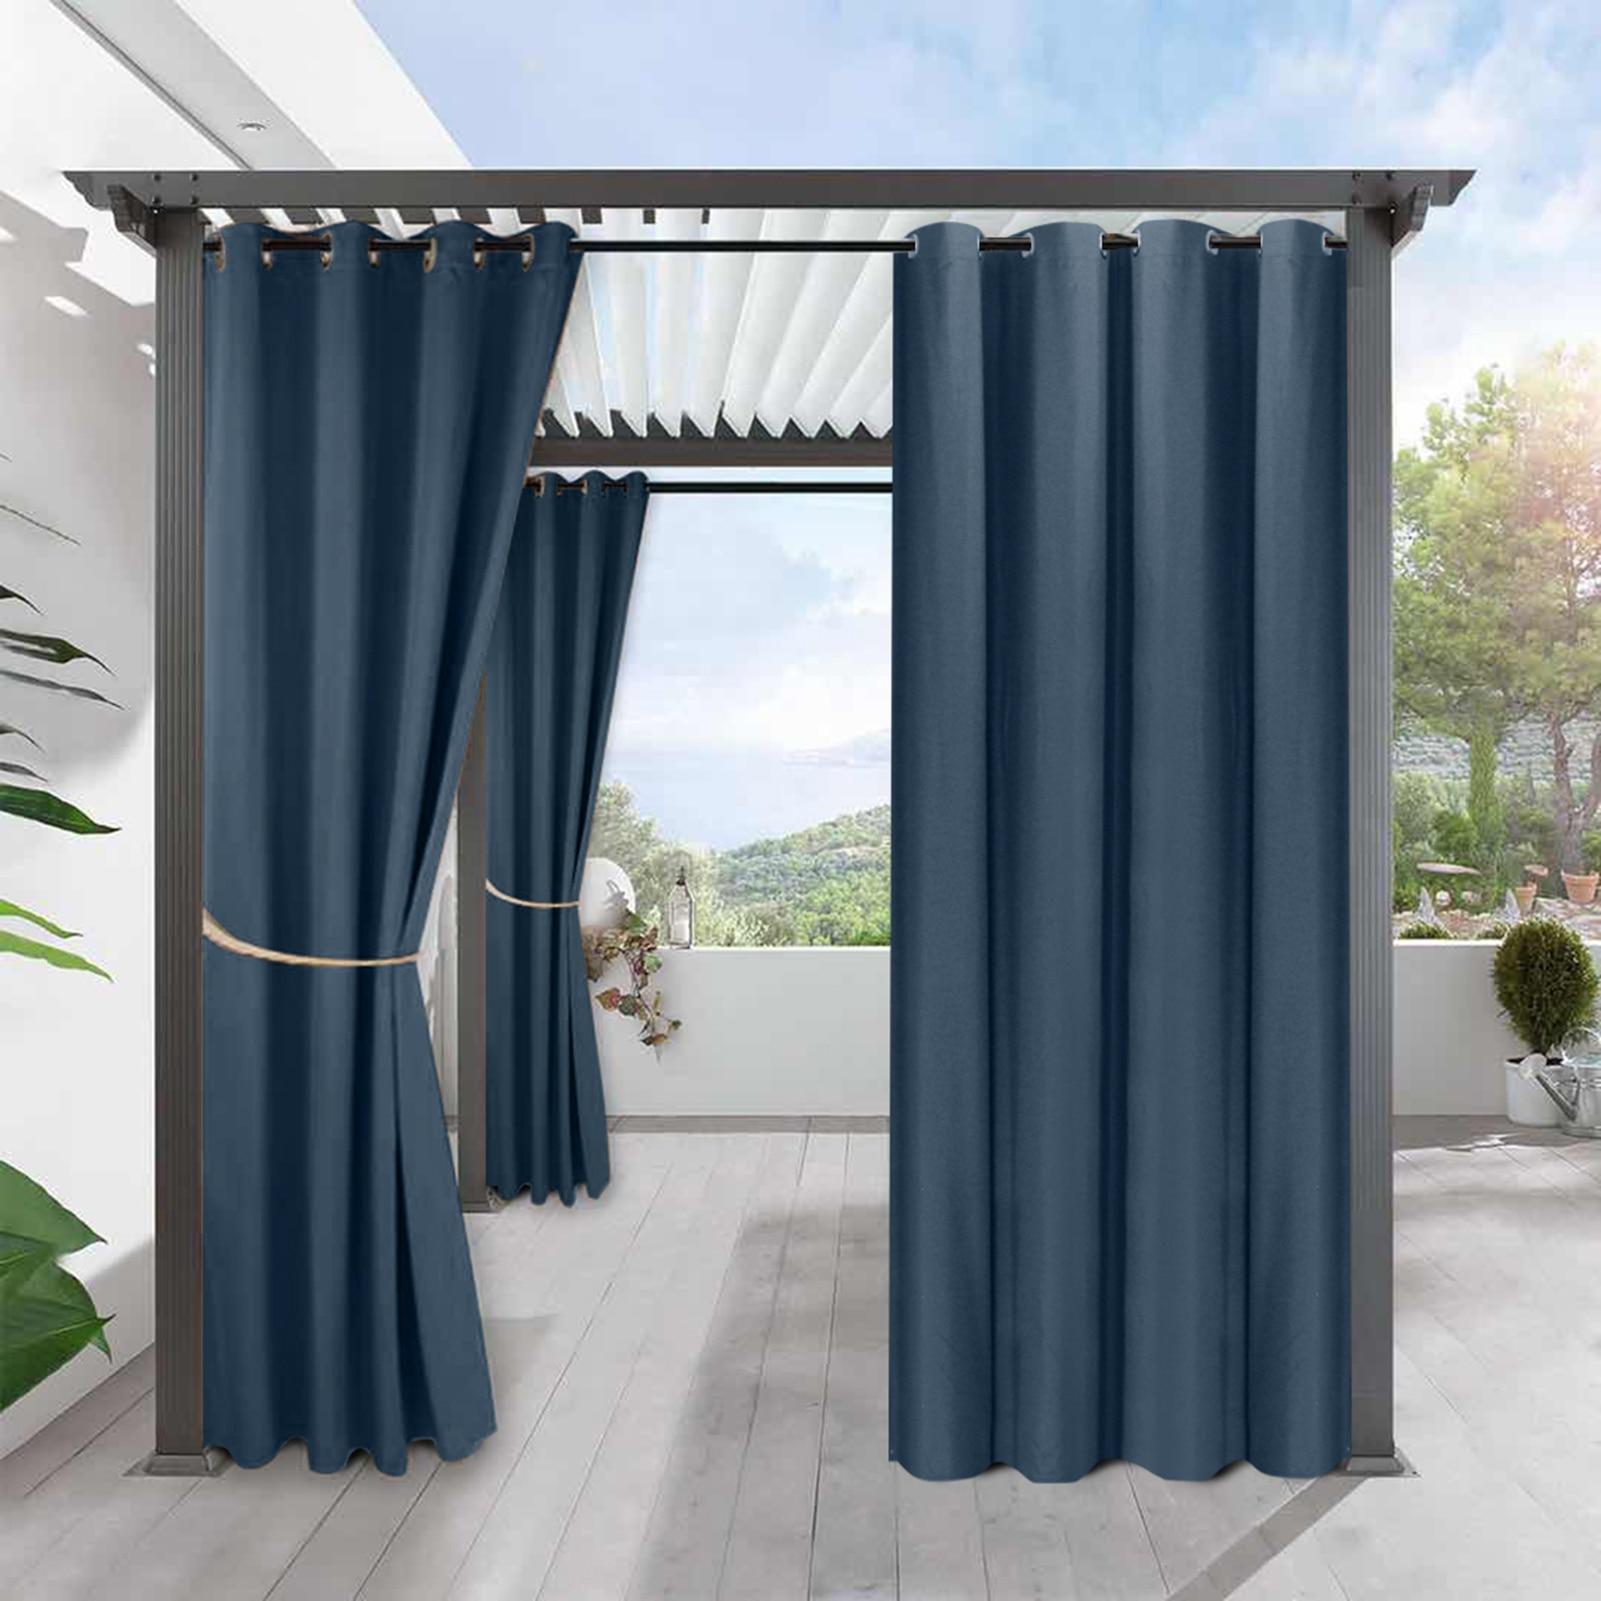 2 لوحة للماء العريشة في الهواء الطلق الستار ل حديقة الباحة كامل ستائر التعتيم غرفة نوم غرفة المعيشة حمام غرفة لوحة ثنى